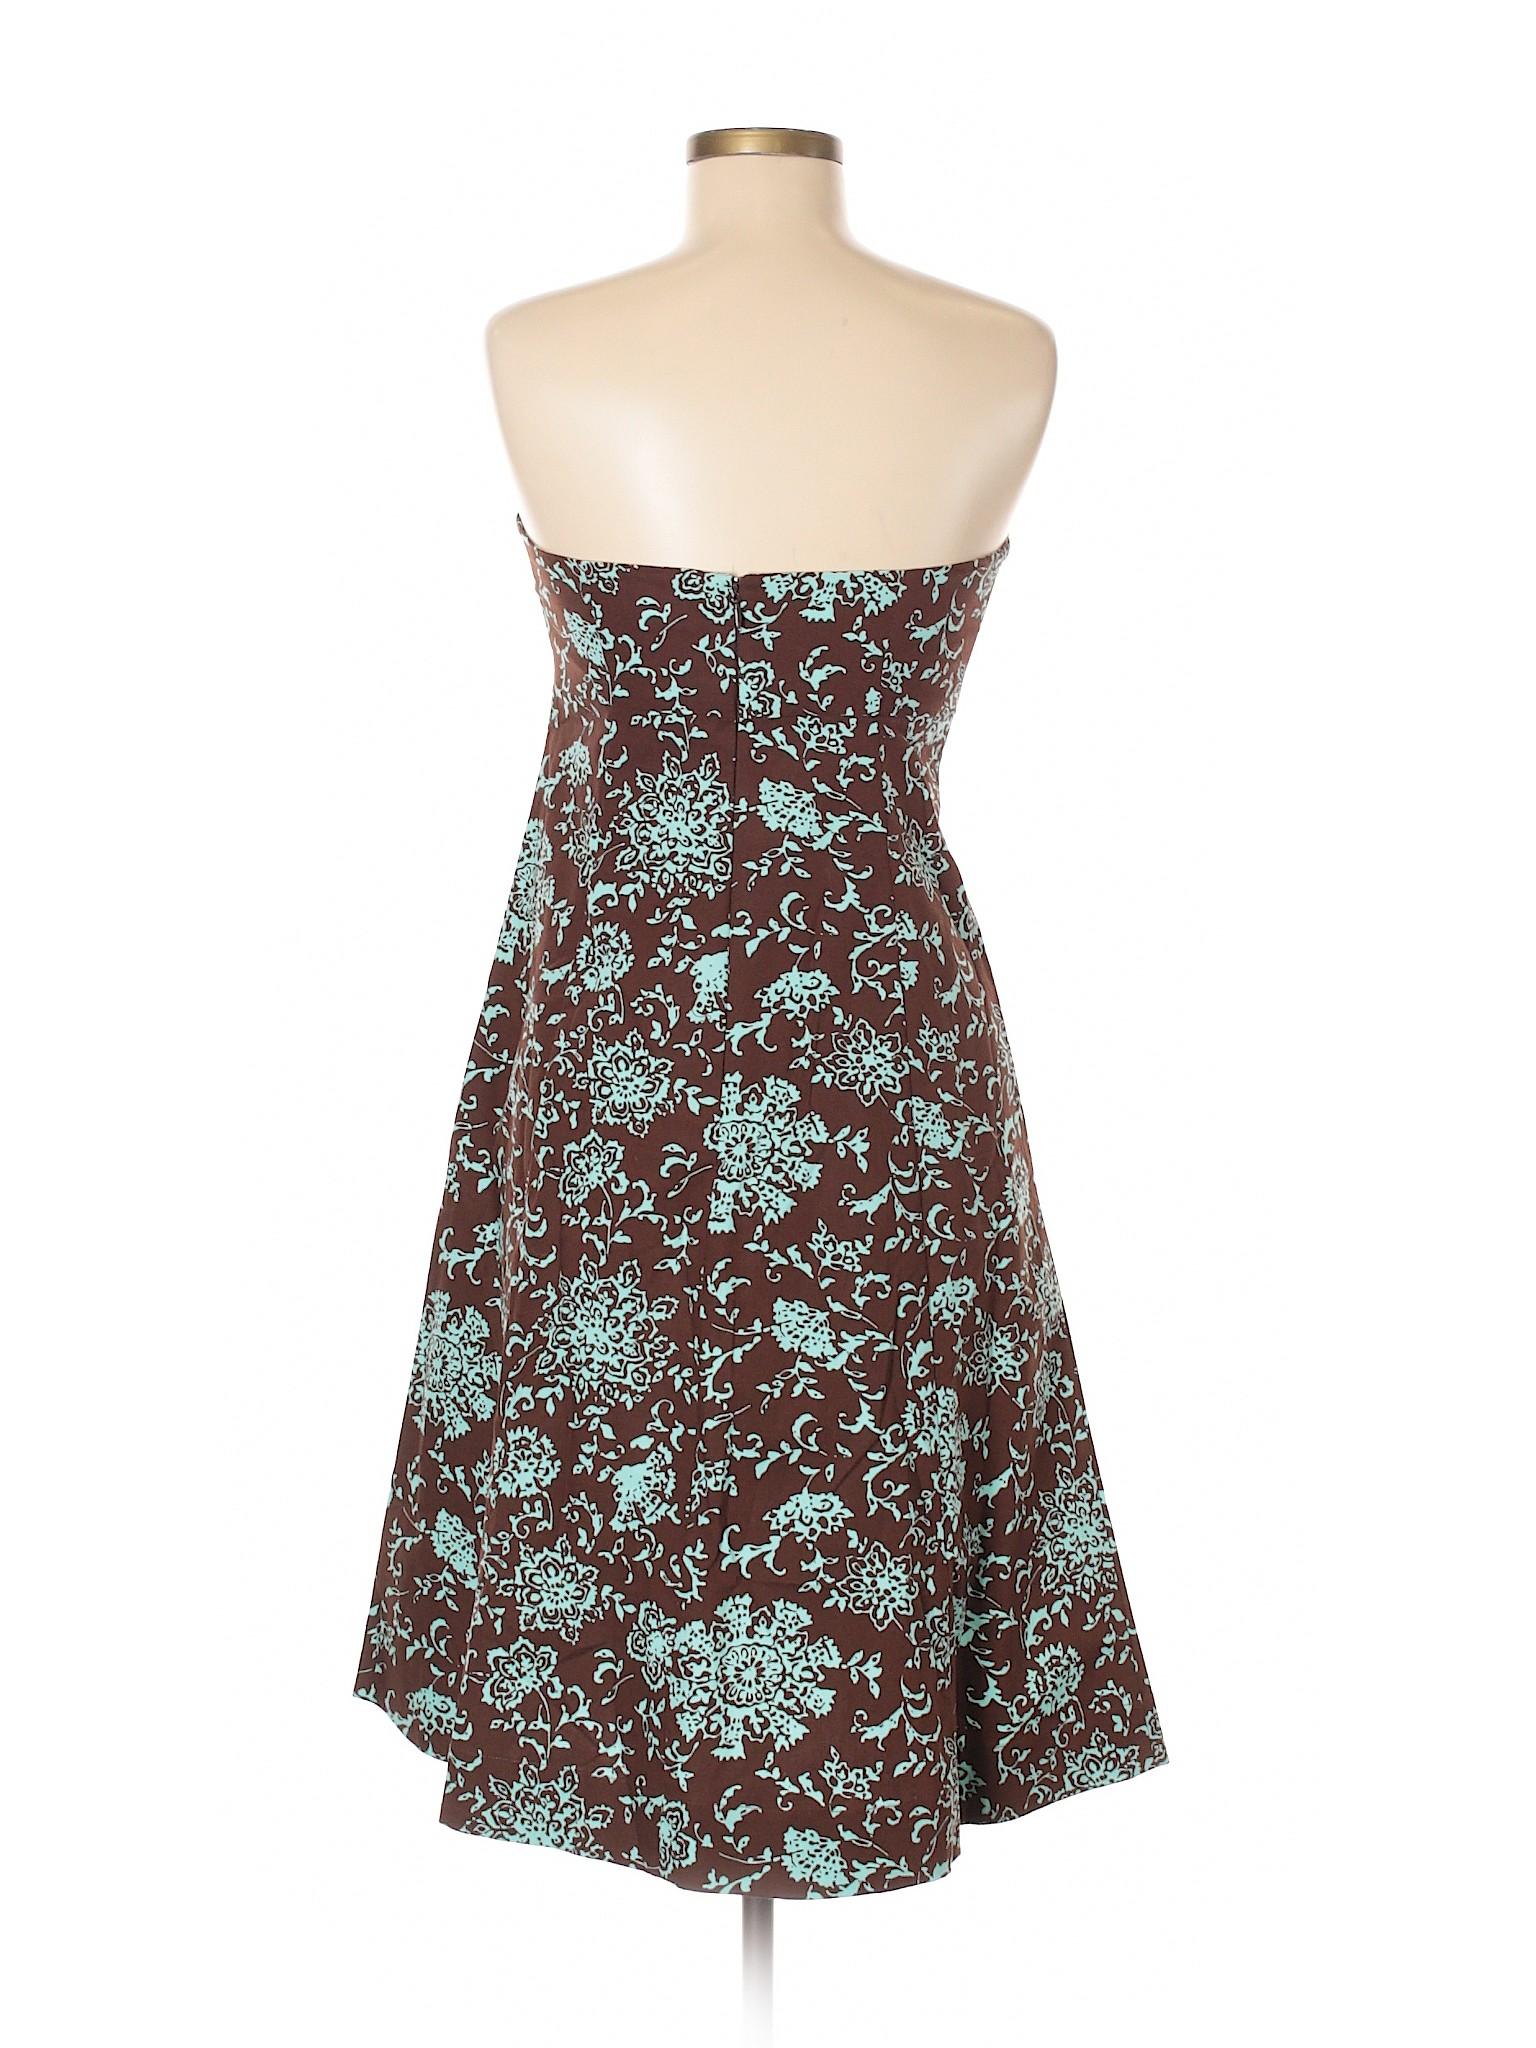 winter Dress Gap Outlet Boutique Casual SqpUBUw